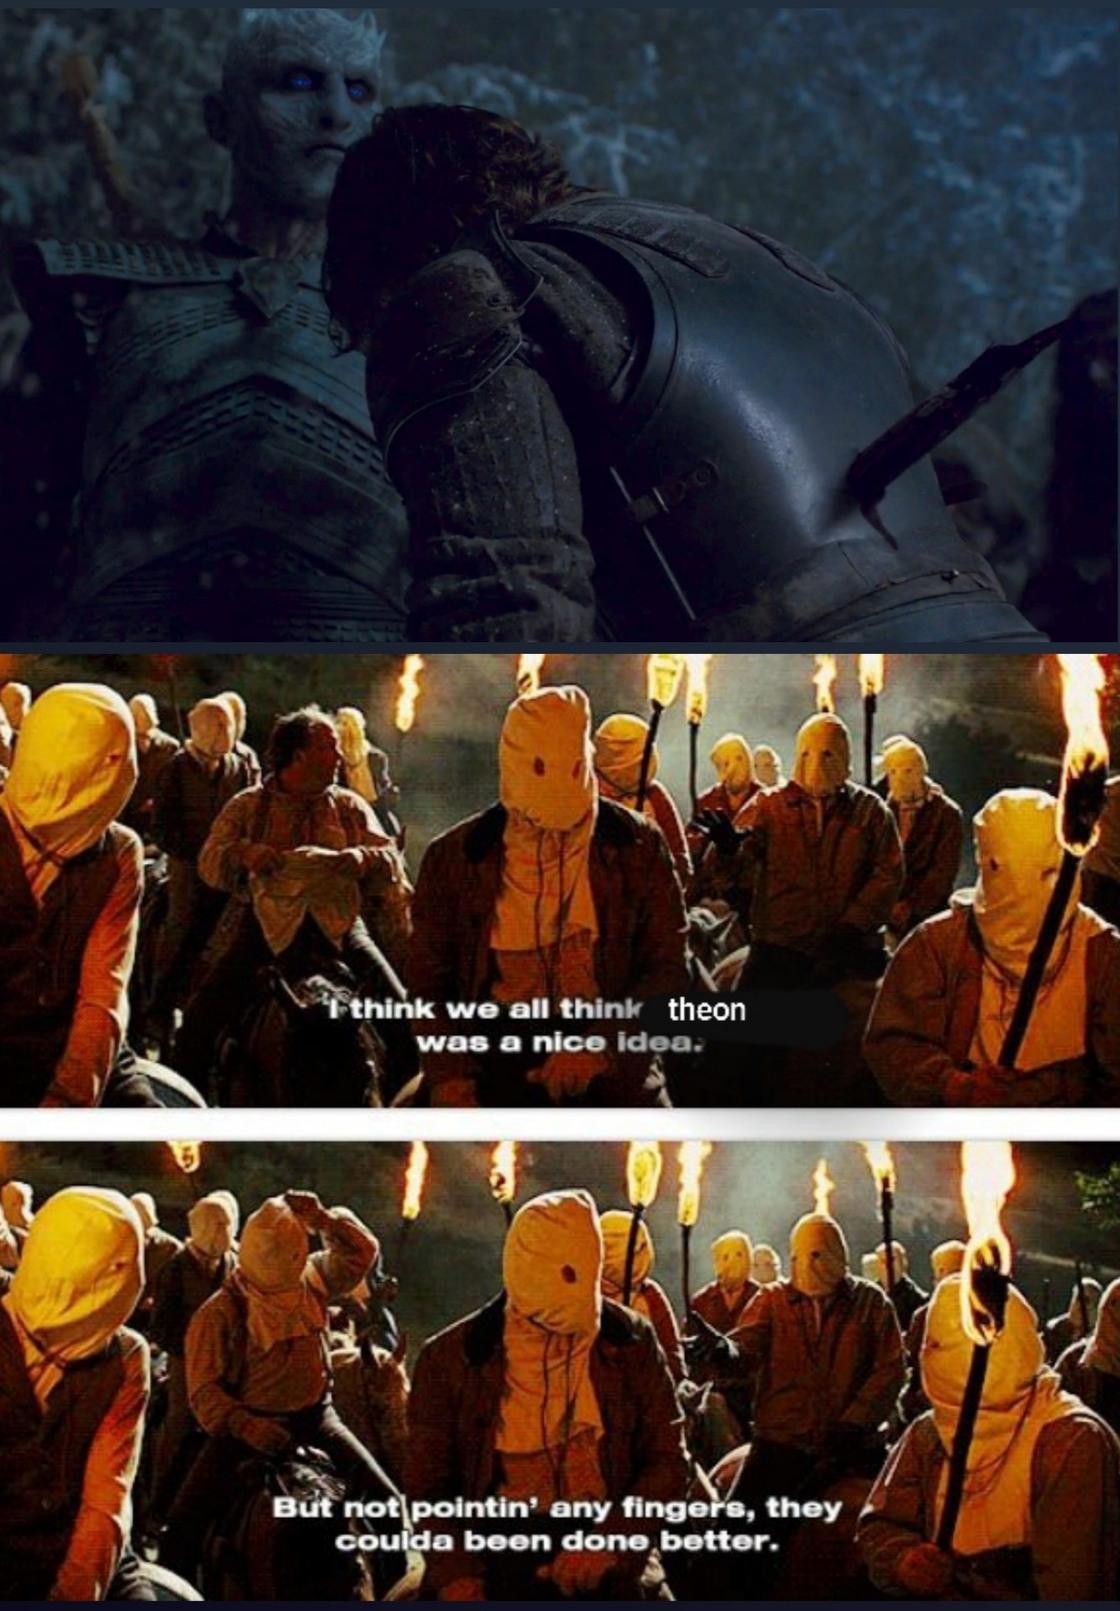 Game of thrones got me like - meme